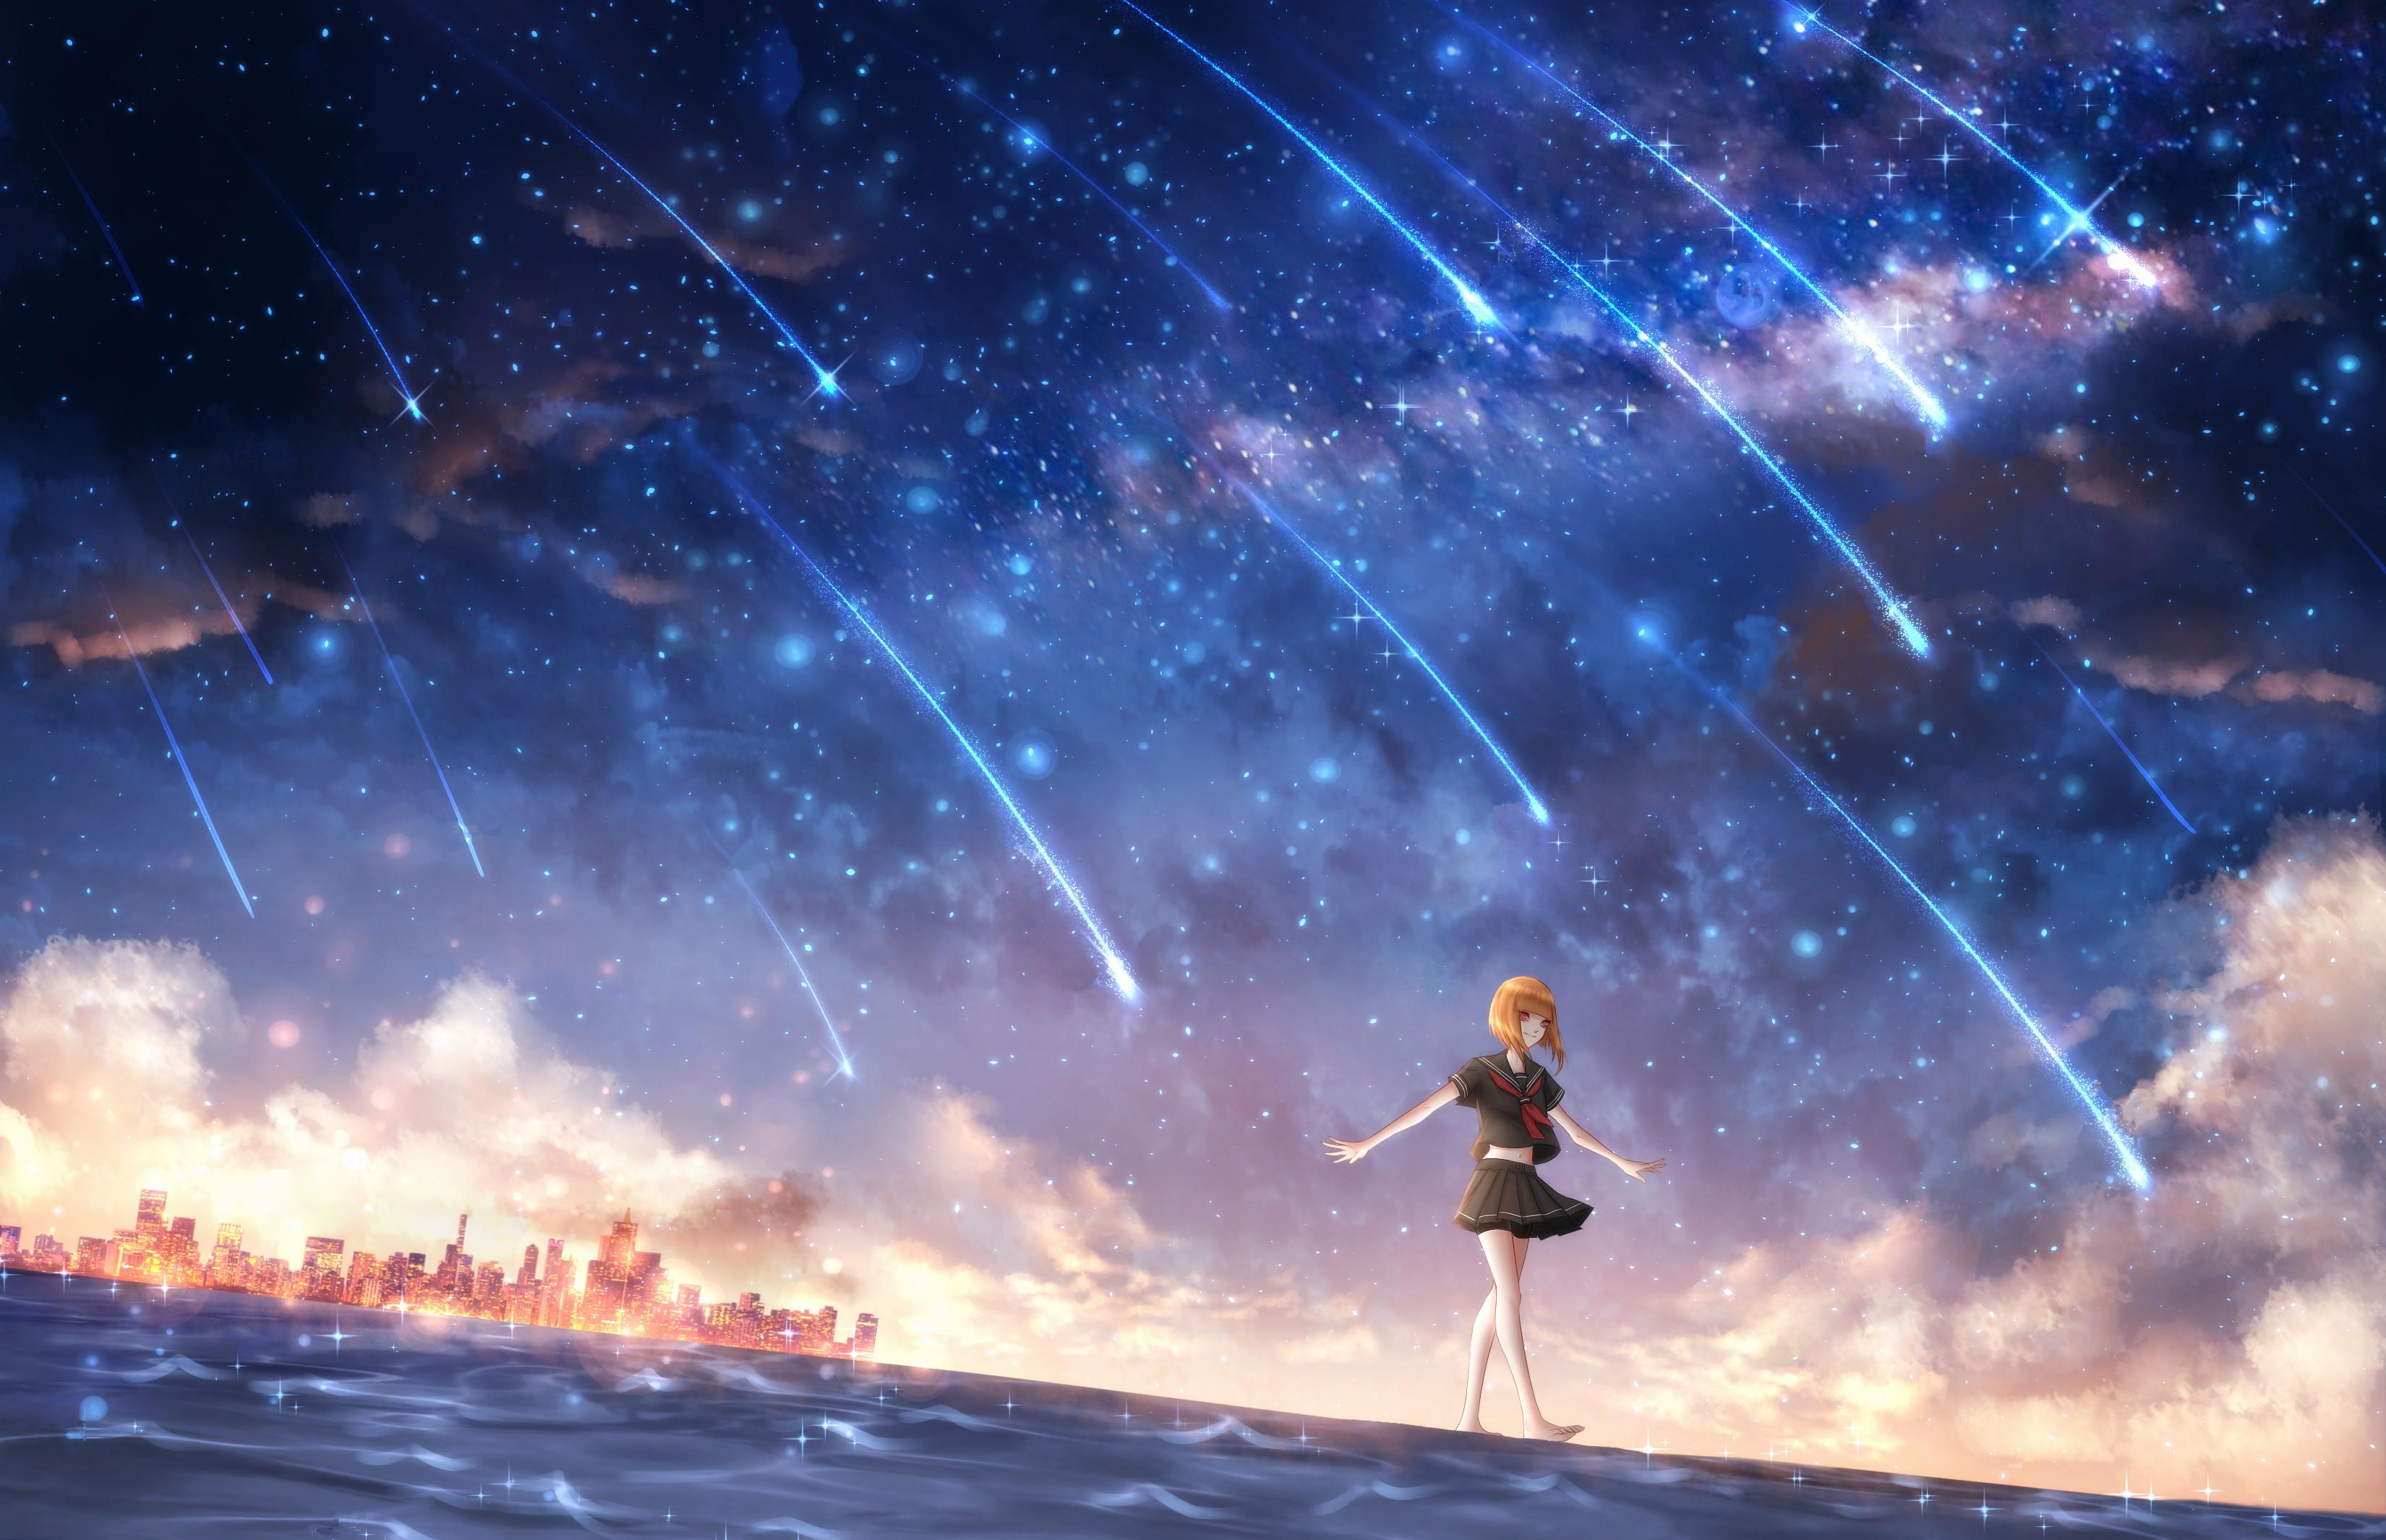 배경 화면 : 애니메이션 소녀들, 별이 빛나는 밤 3300x2130